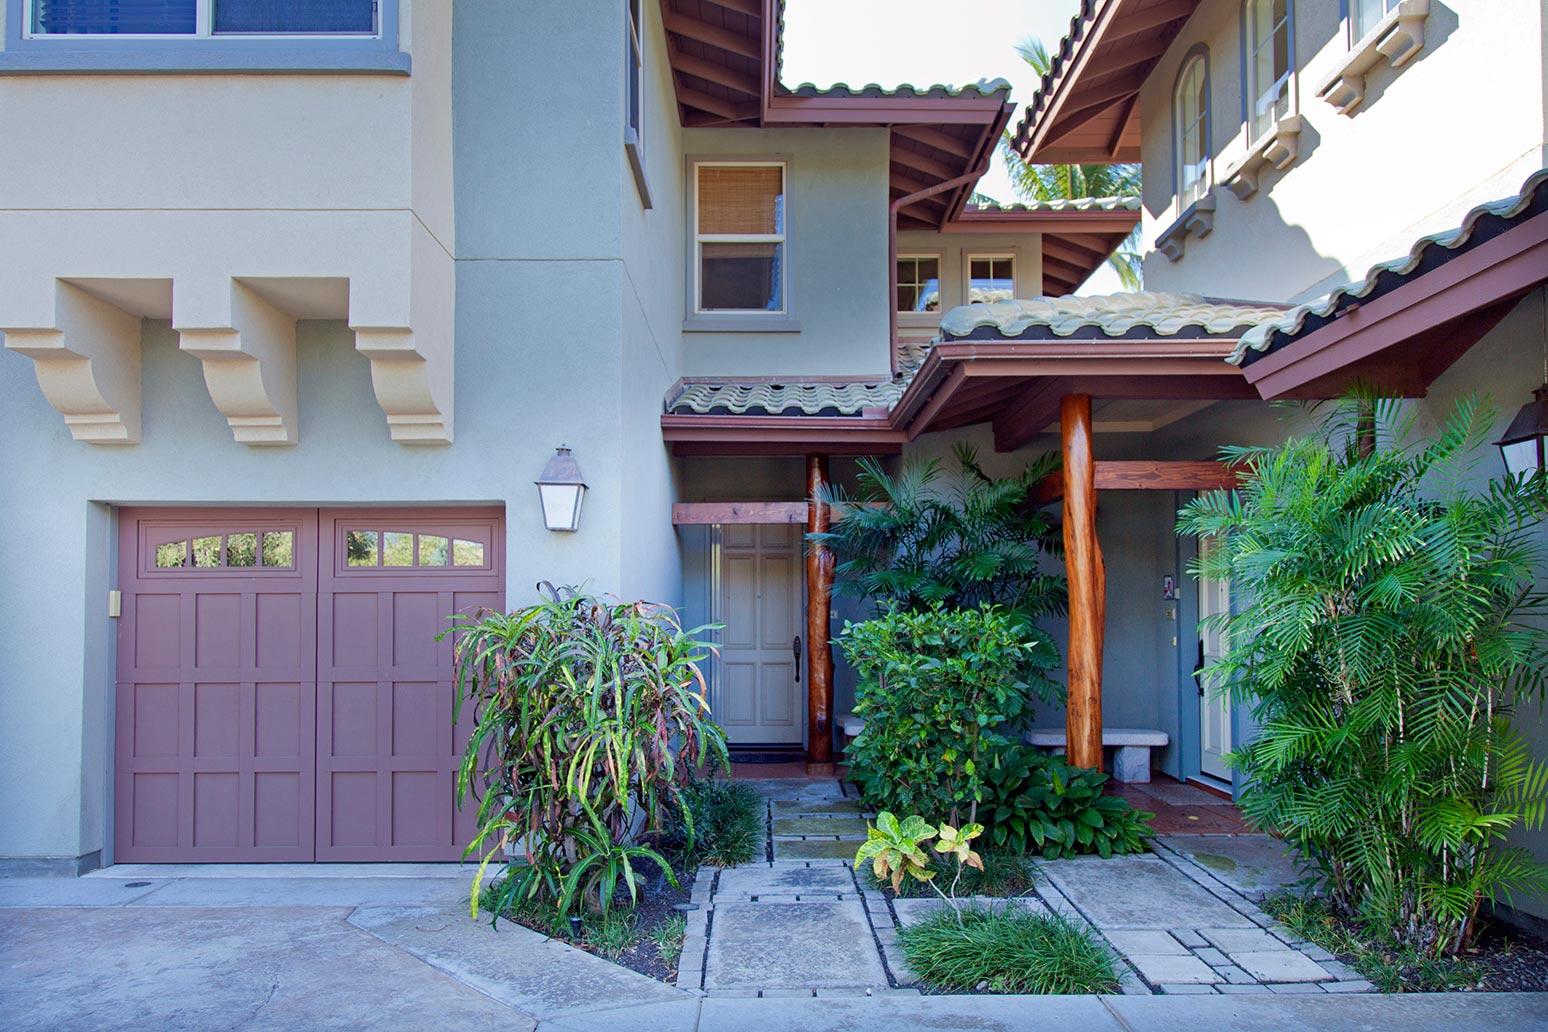 联栋屋 为 销售 在 Fairways at Mauna Lani 68-1125 N. Kaniku Dr.., #204 卡姆艾拉, 夏威夷, 96742 美国